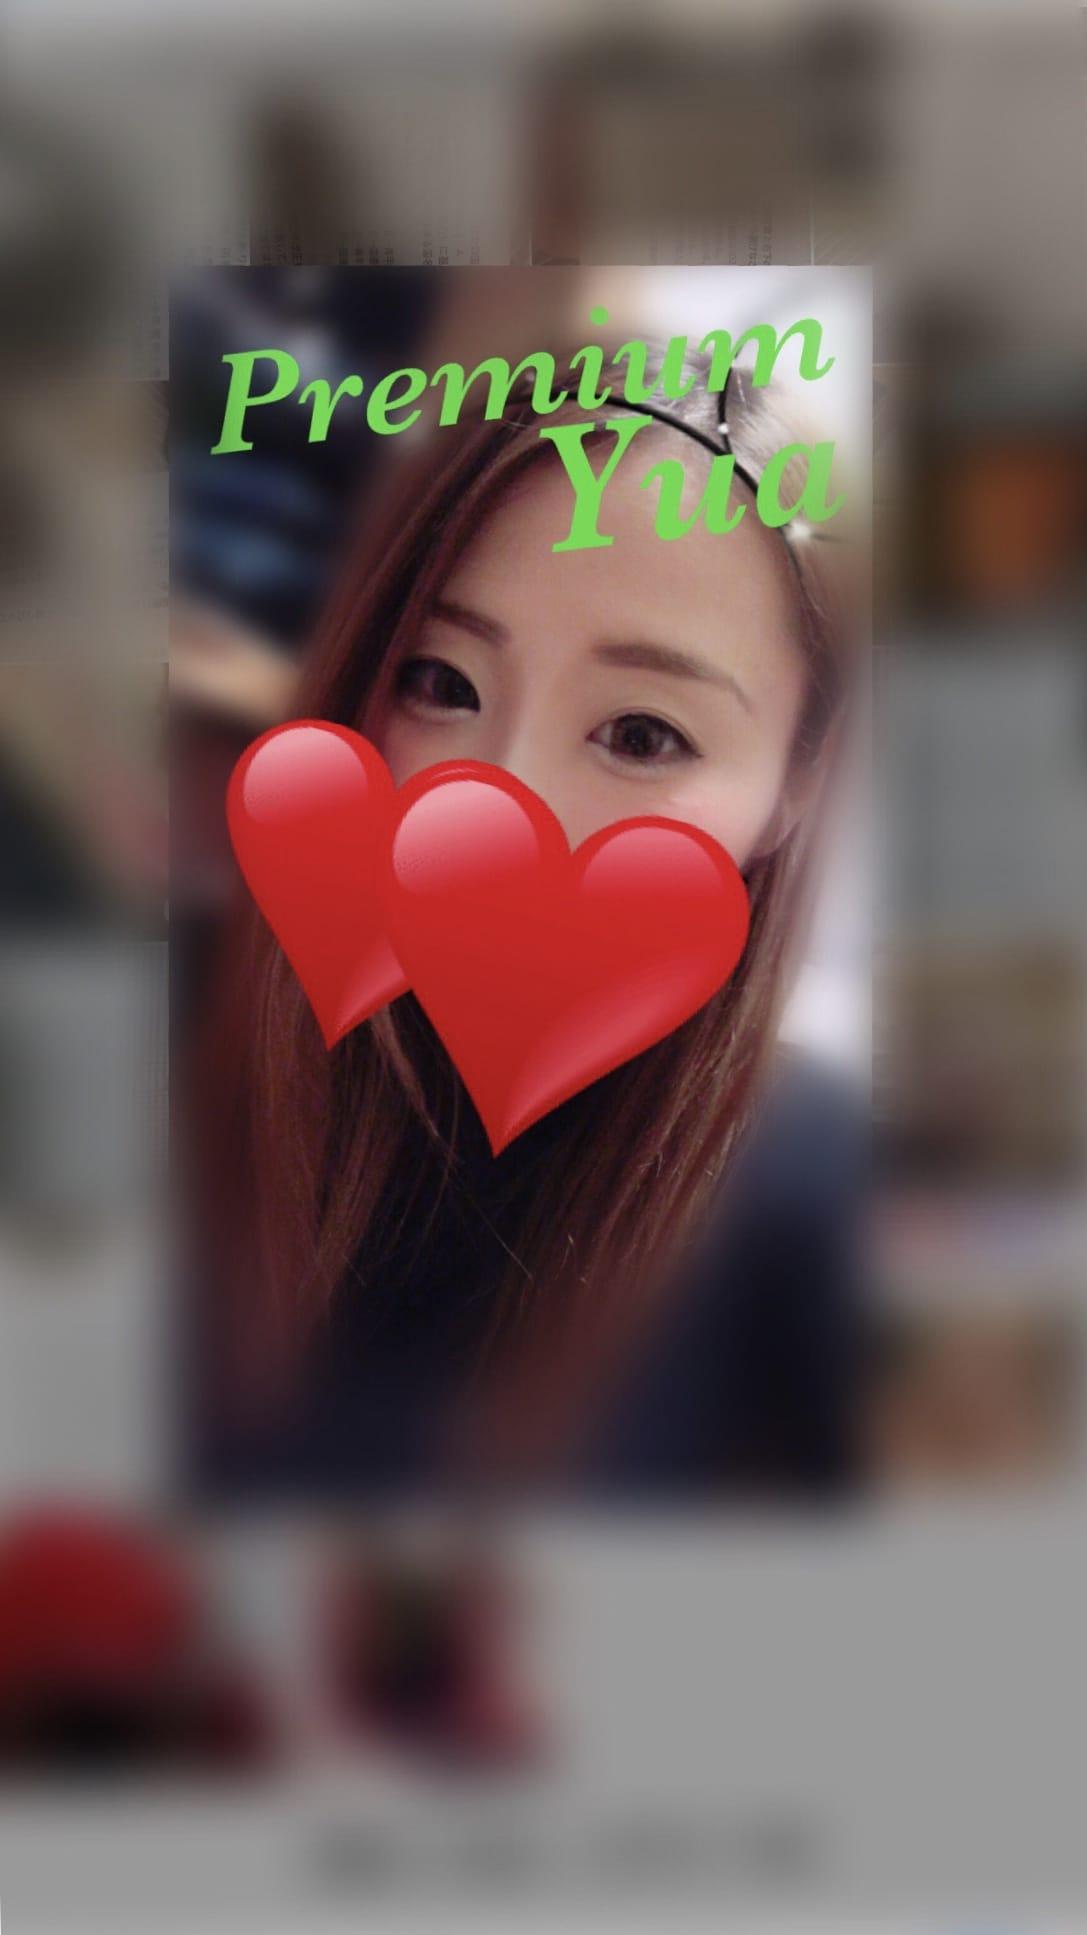 「こんにちは(o´艸`)」11/21(11/21) 14:00 | ゆあの写メ・風俗動画